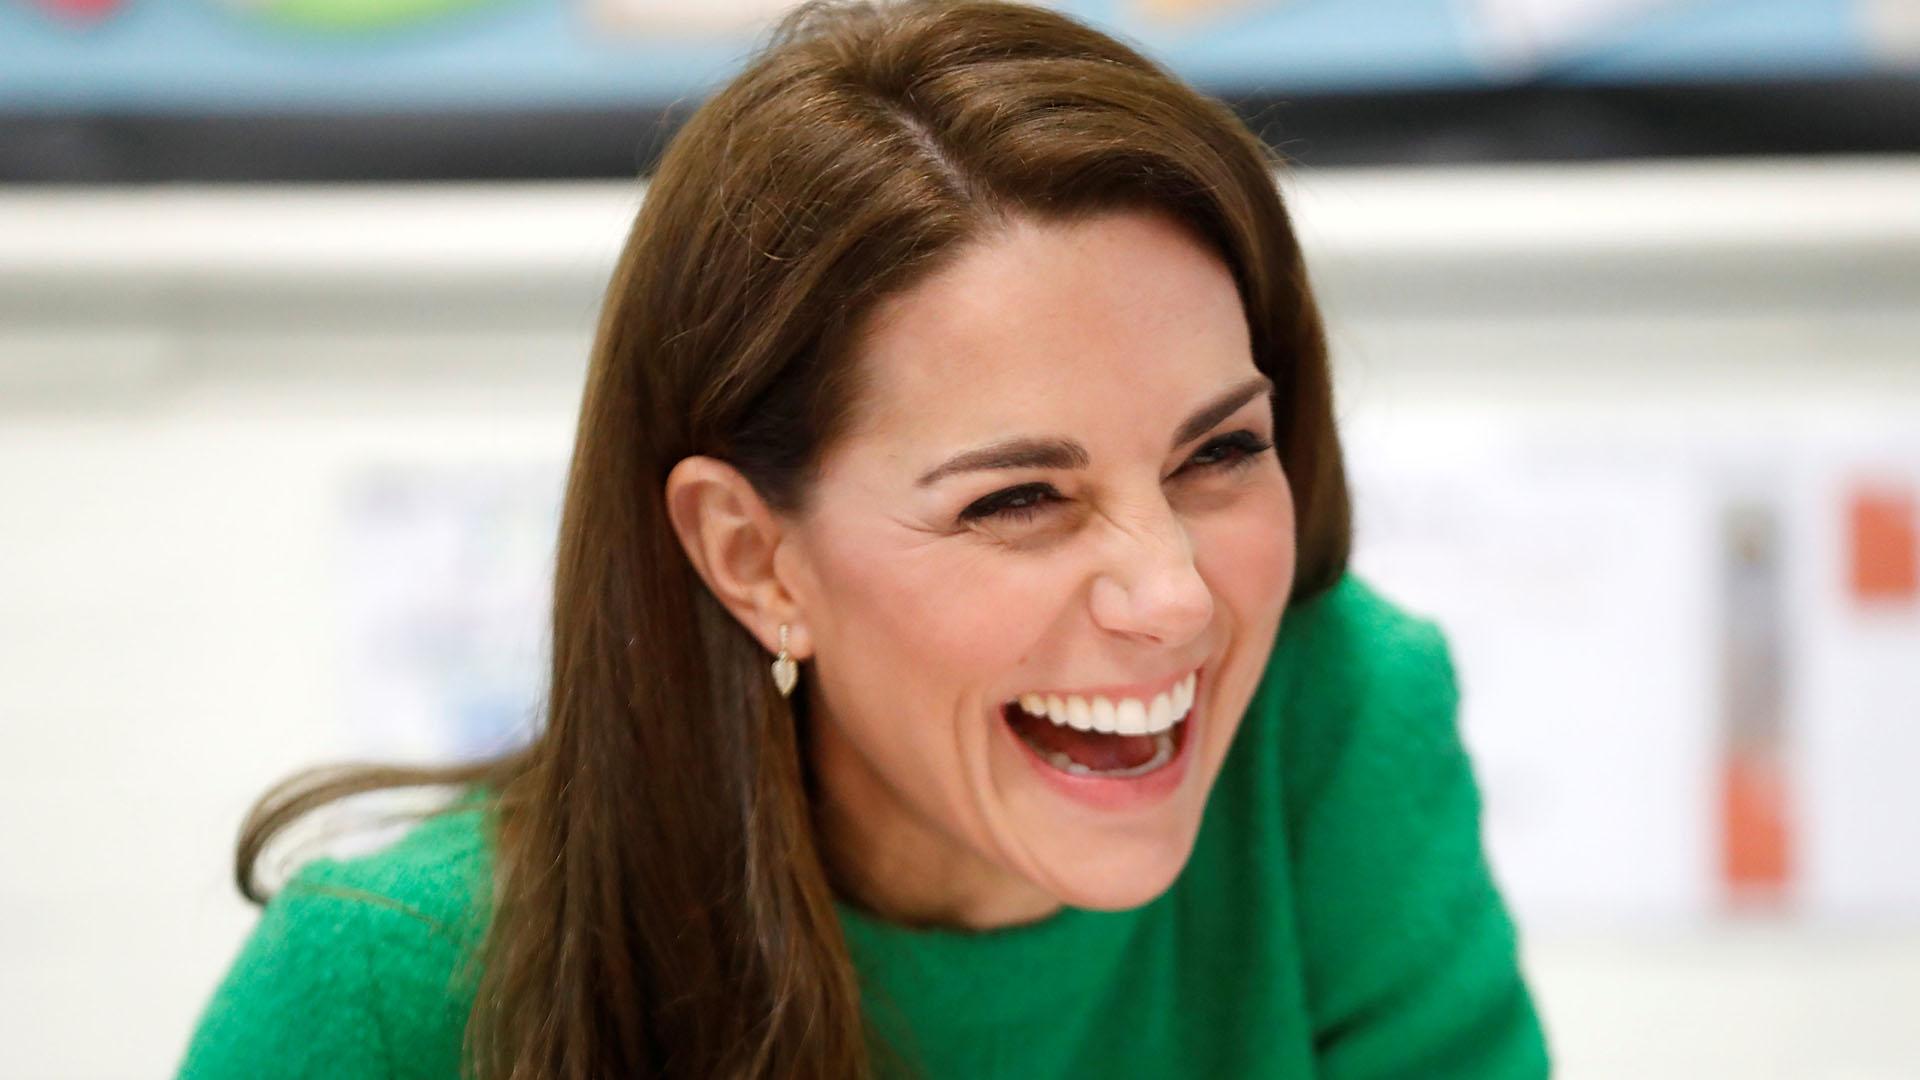 Siempre con una sonrisa en sus labios, la duquesa se mostró feliz con la visita a la escuela infantil